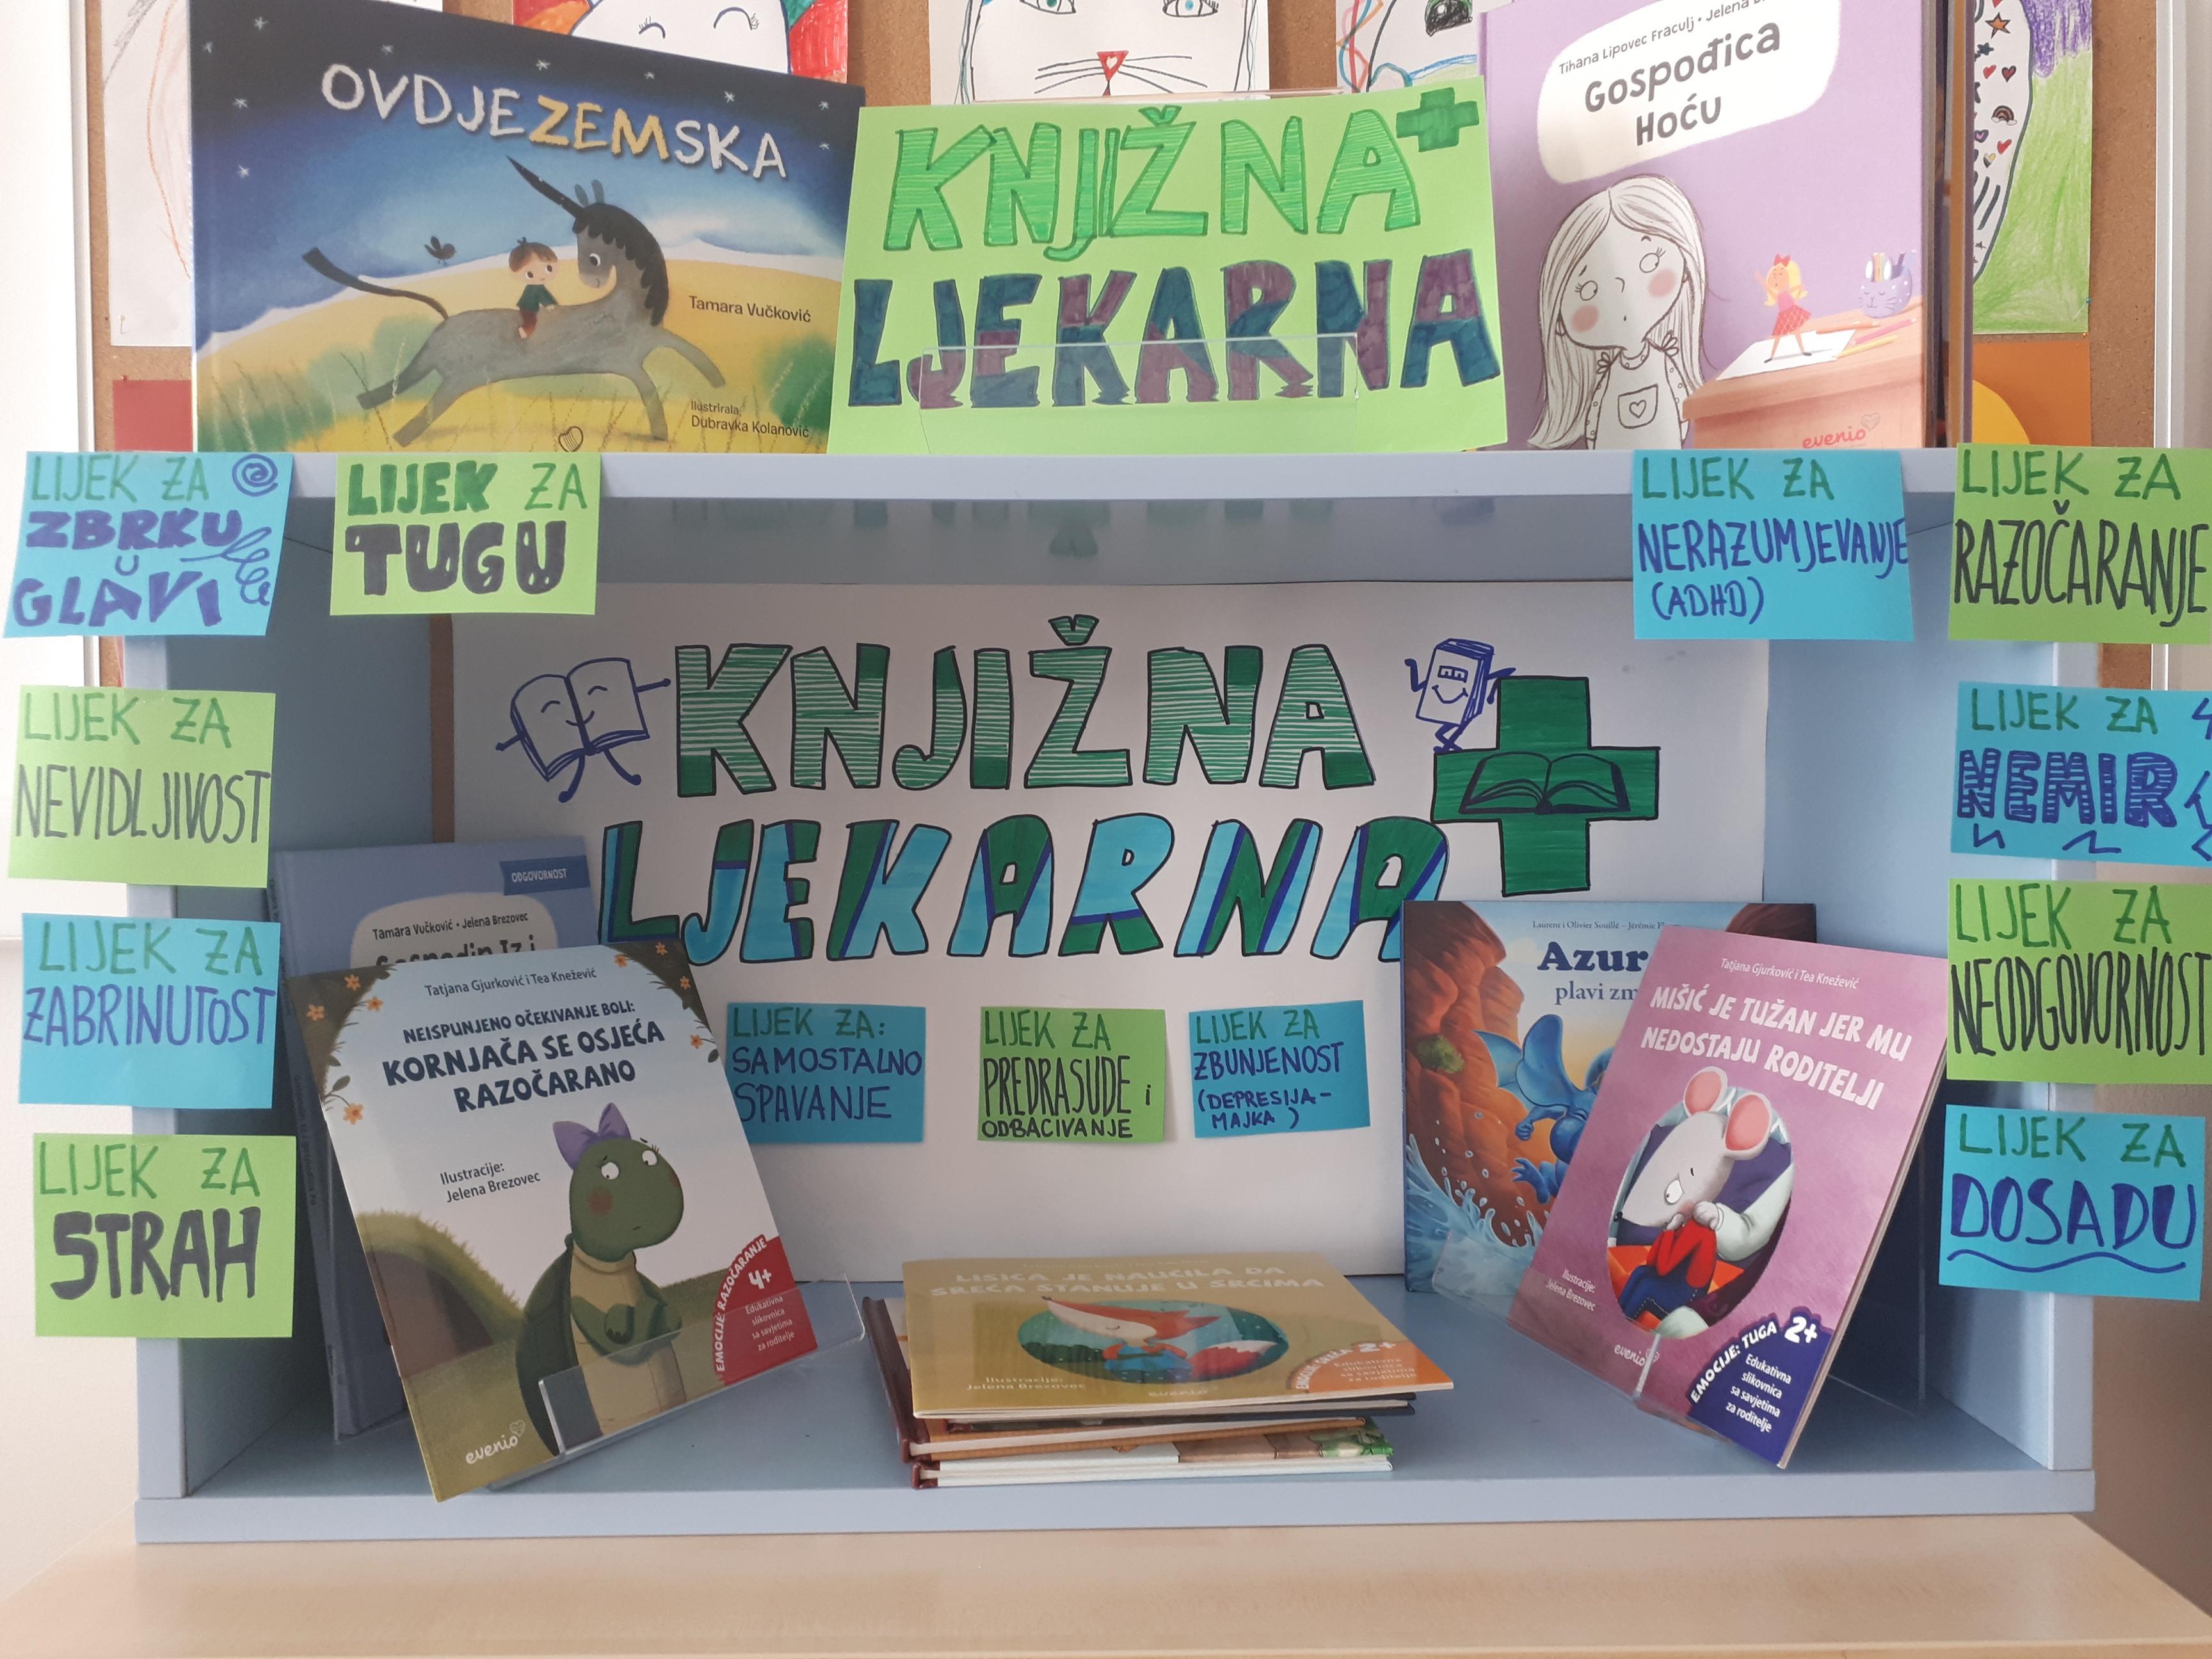 Knjižna ljekarna